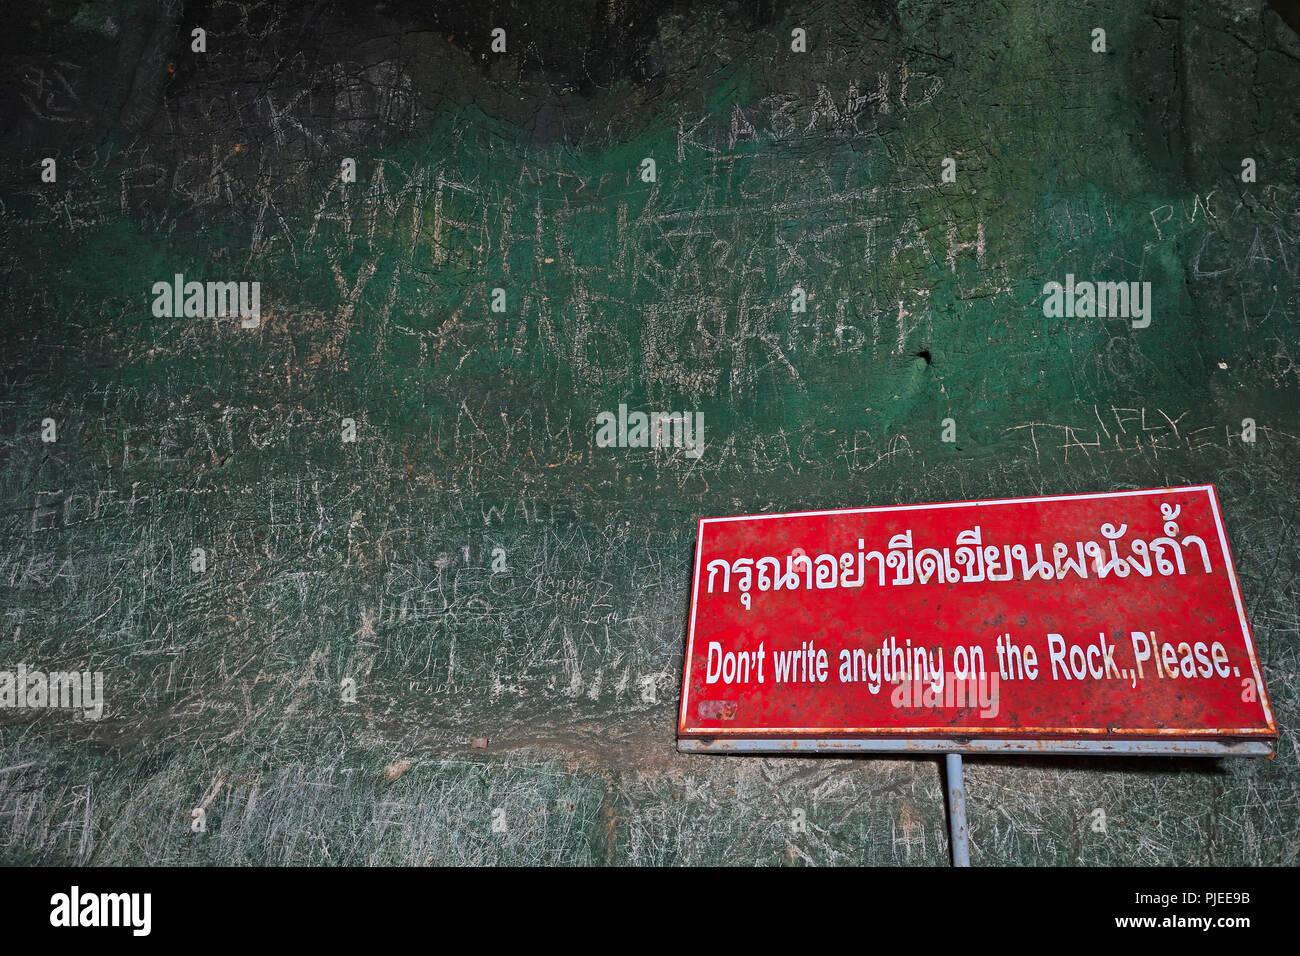 Mit Schriften bieten Wand hinter einem kein Parkplatz Schild, Höhle, Tempel Wat Tham Suwan Khuha, Phang Nga, Thailand, mit Schriften versehen Wand hinter einem V Stockbild